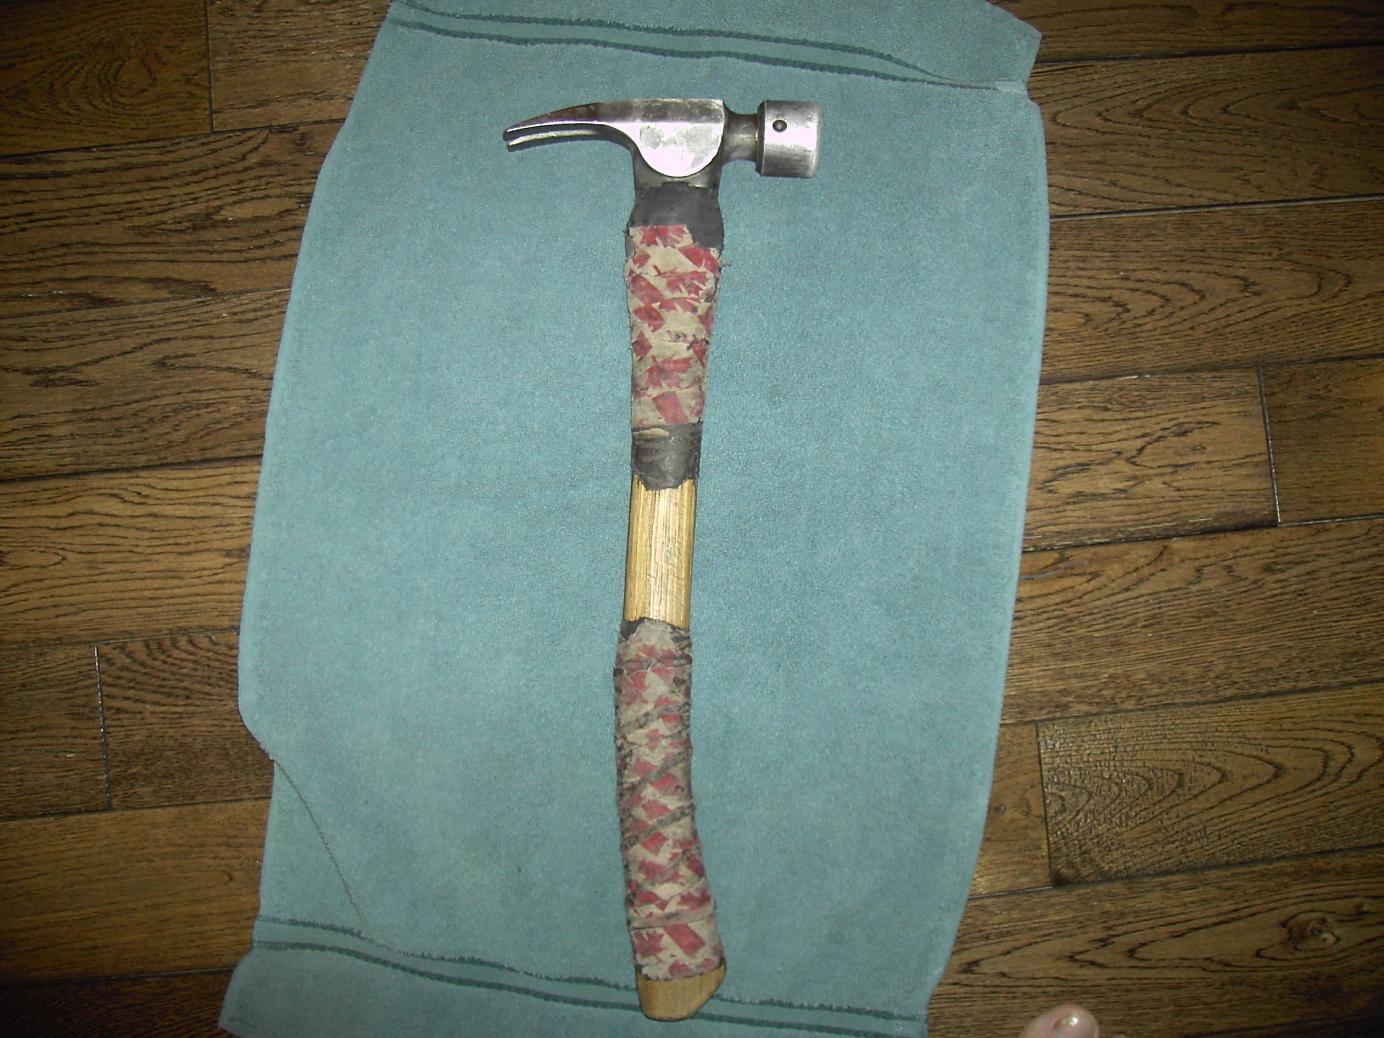 stiletto framing hammer pict6173jpg